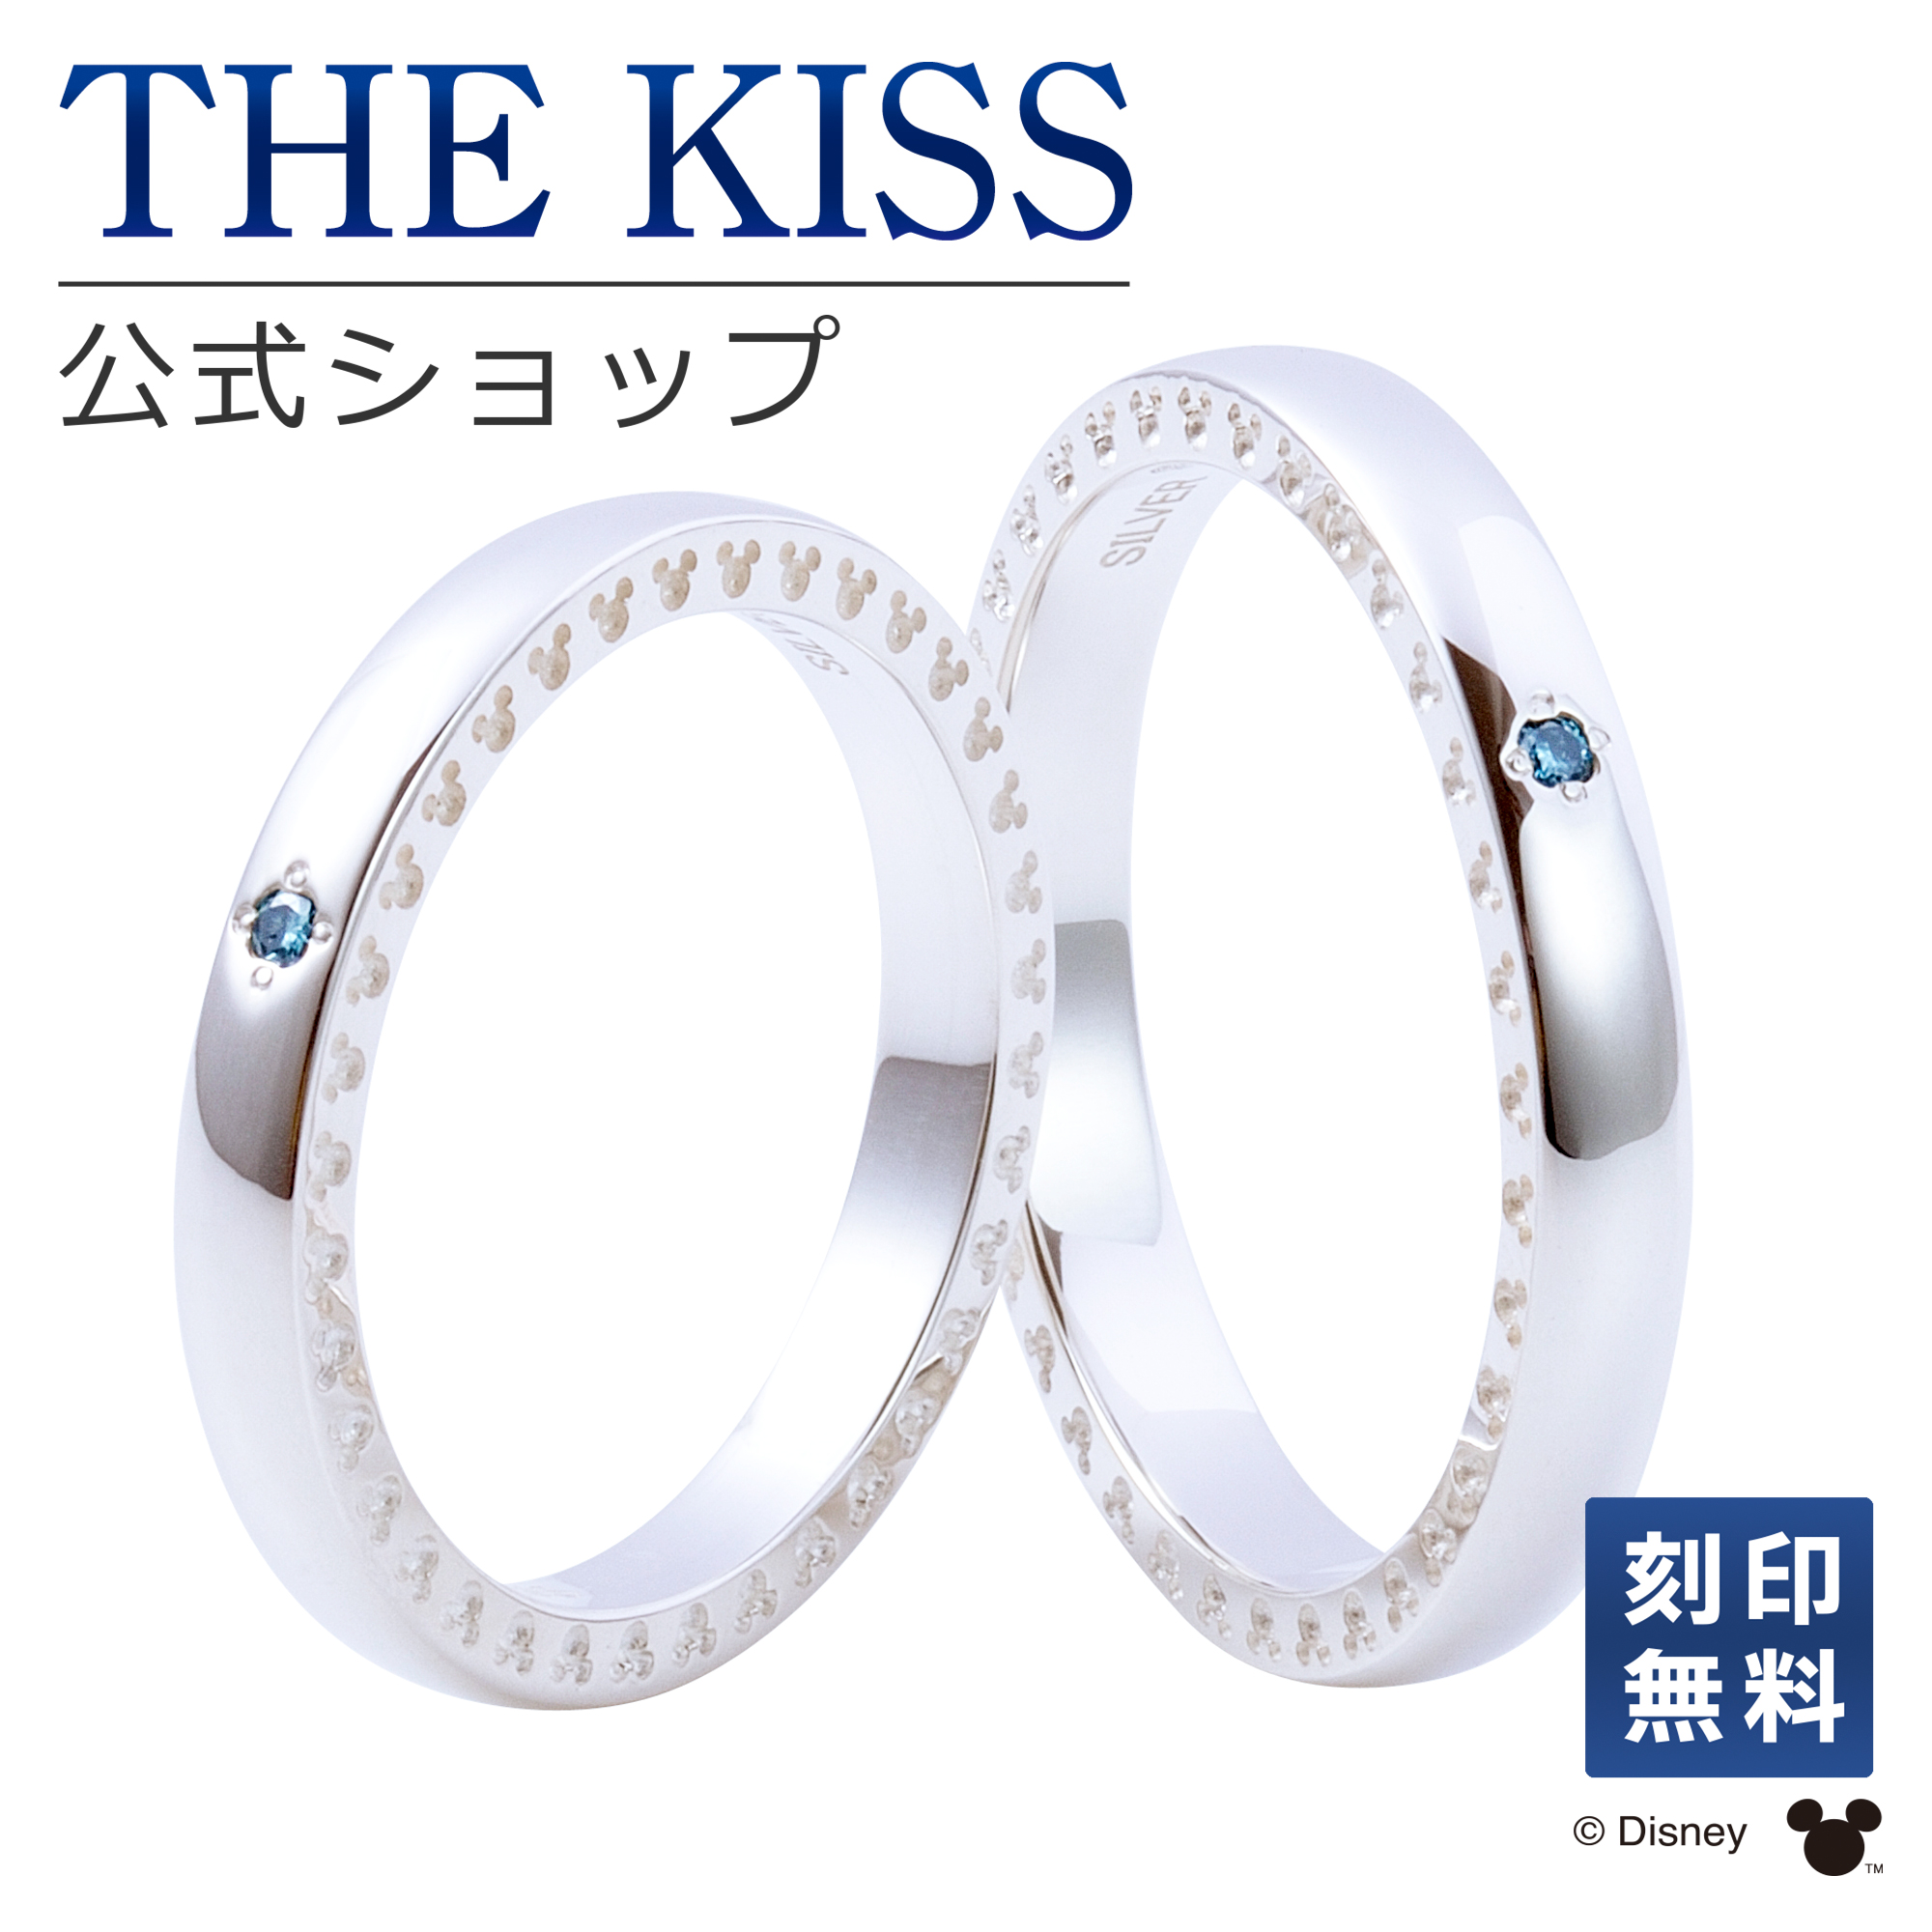 【刻印可_5文字】【送料無料】【あす楽対応】【ディズニーコレクション】 ディズニーペアリング ミッキーマウス THE KISS ペアリング シルバー リング・指輪 DI-SR711BDM-712BDM セット シンプル ザキス